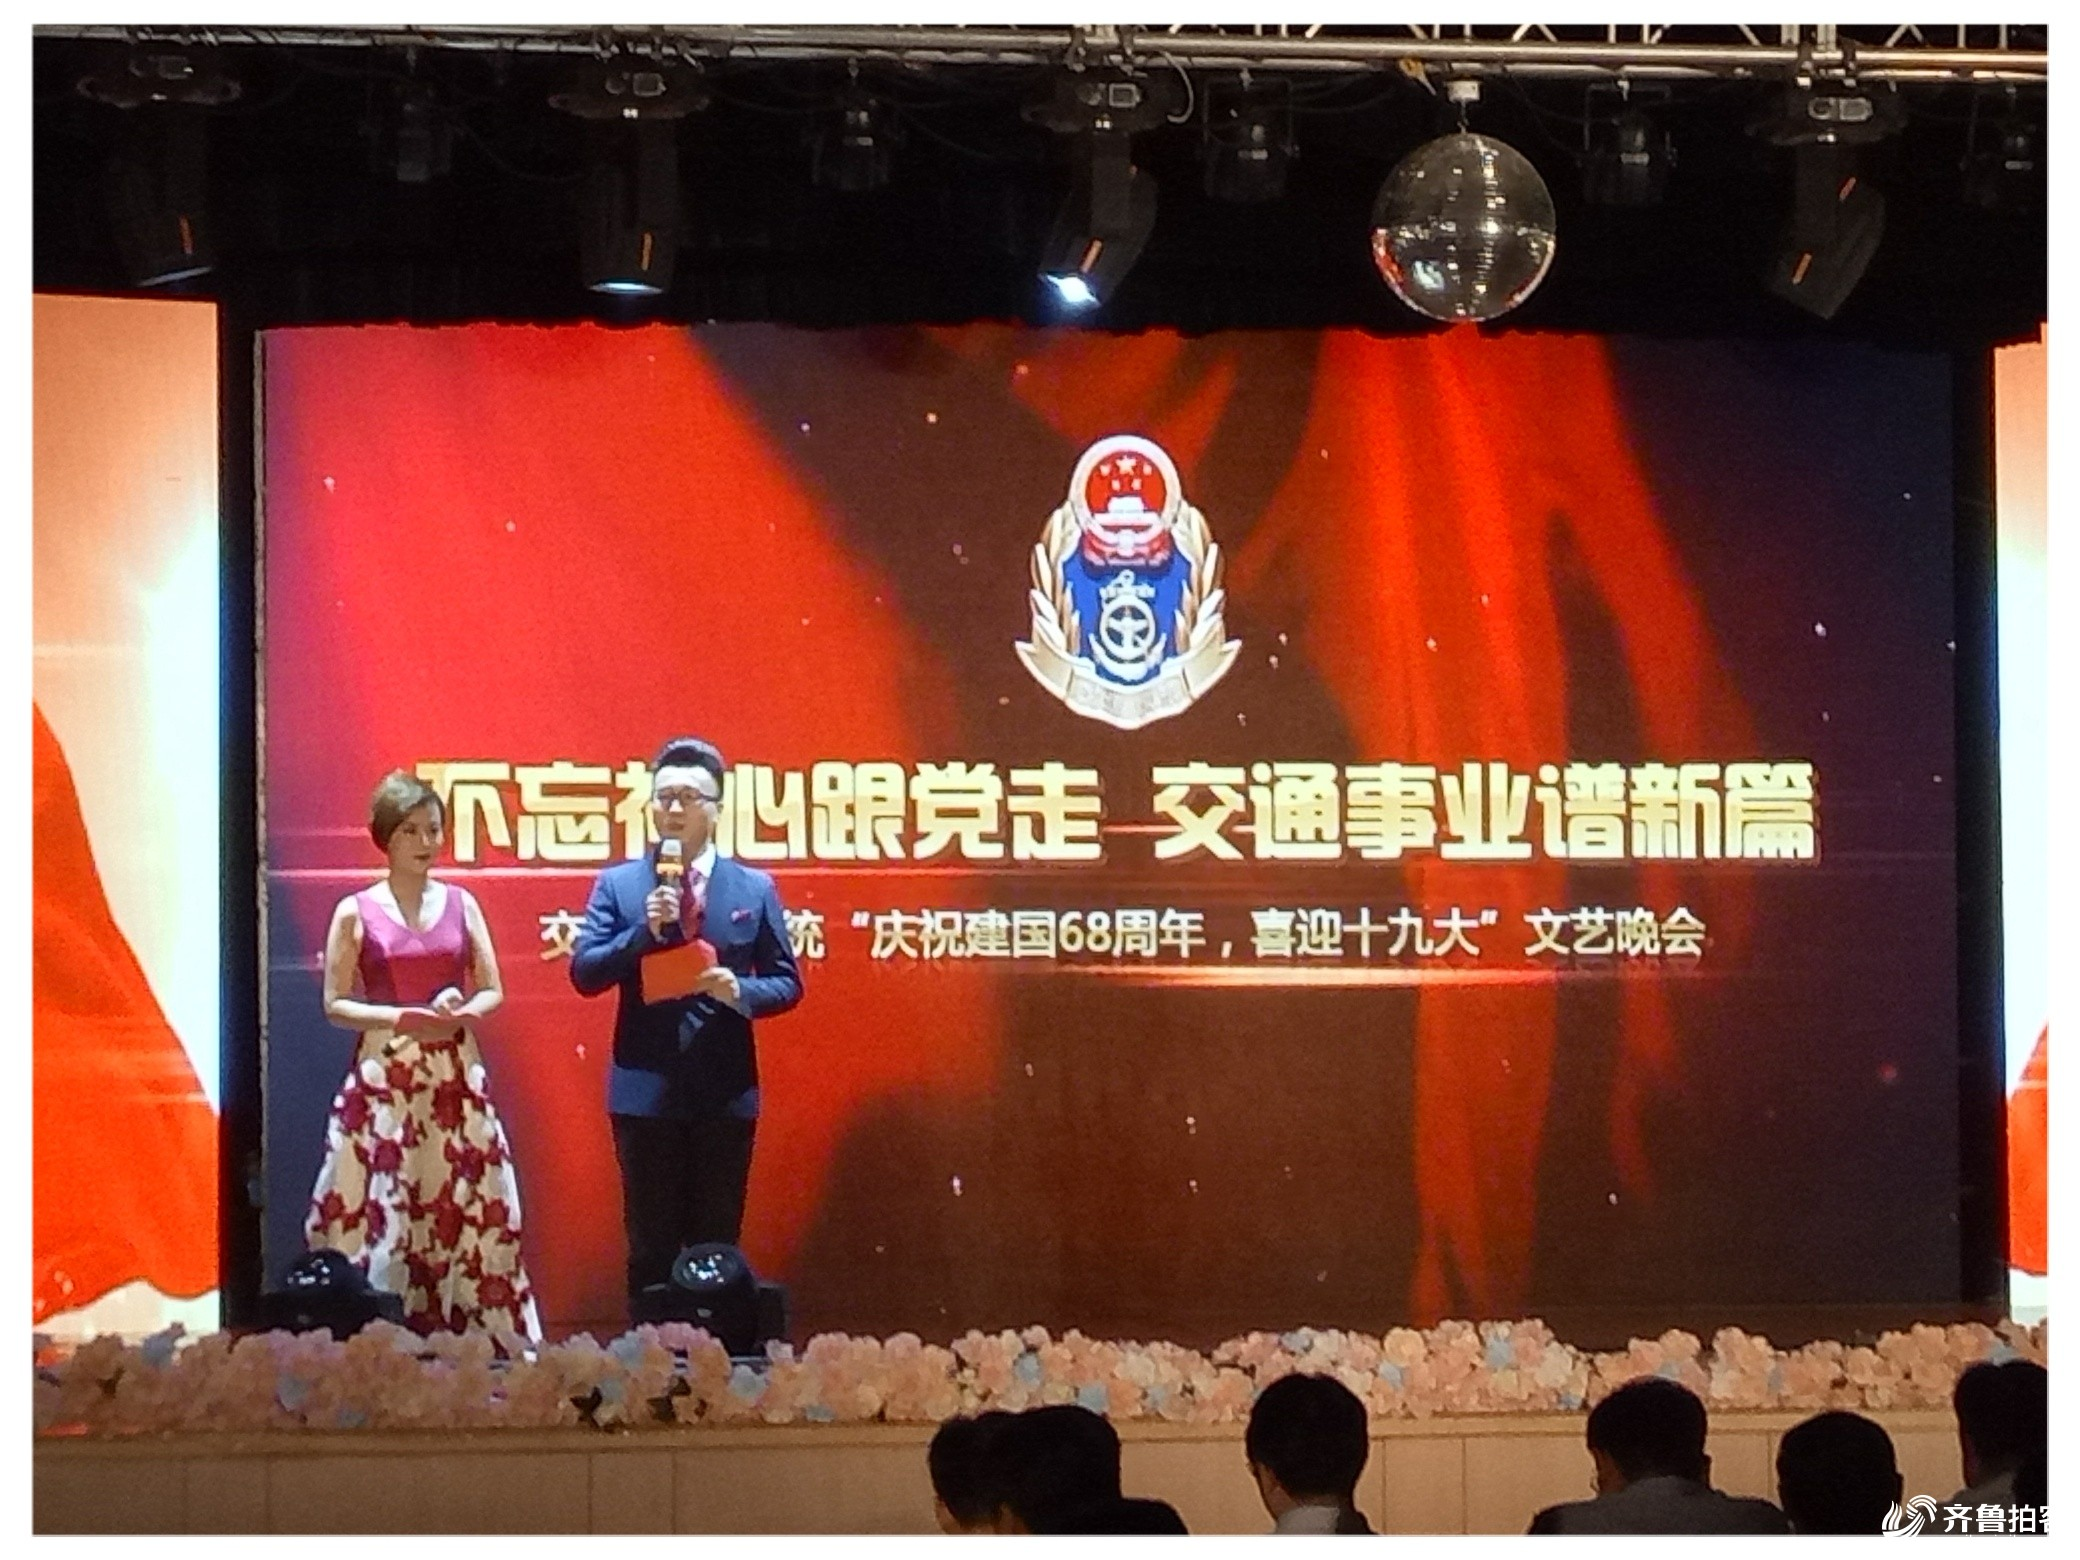 不忘初心跟党走交通系统庆祝建国68周年喜迎十九大文艺晚会